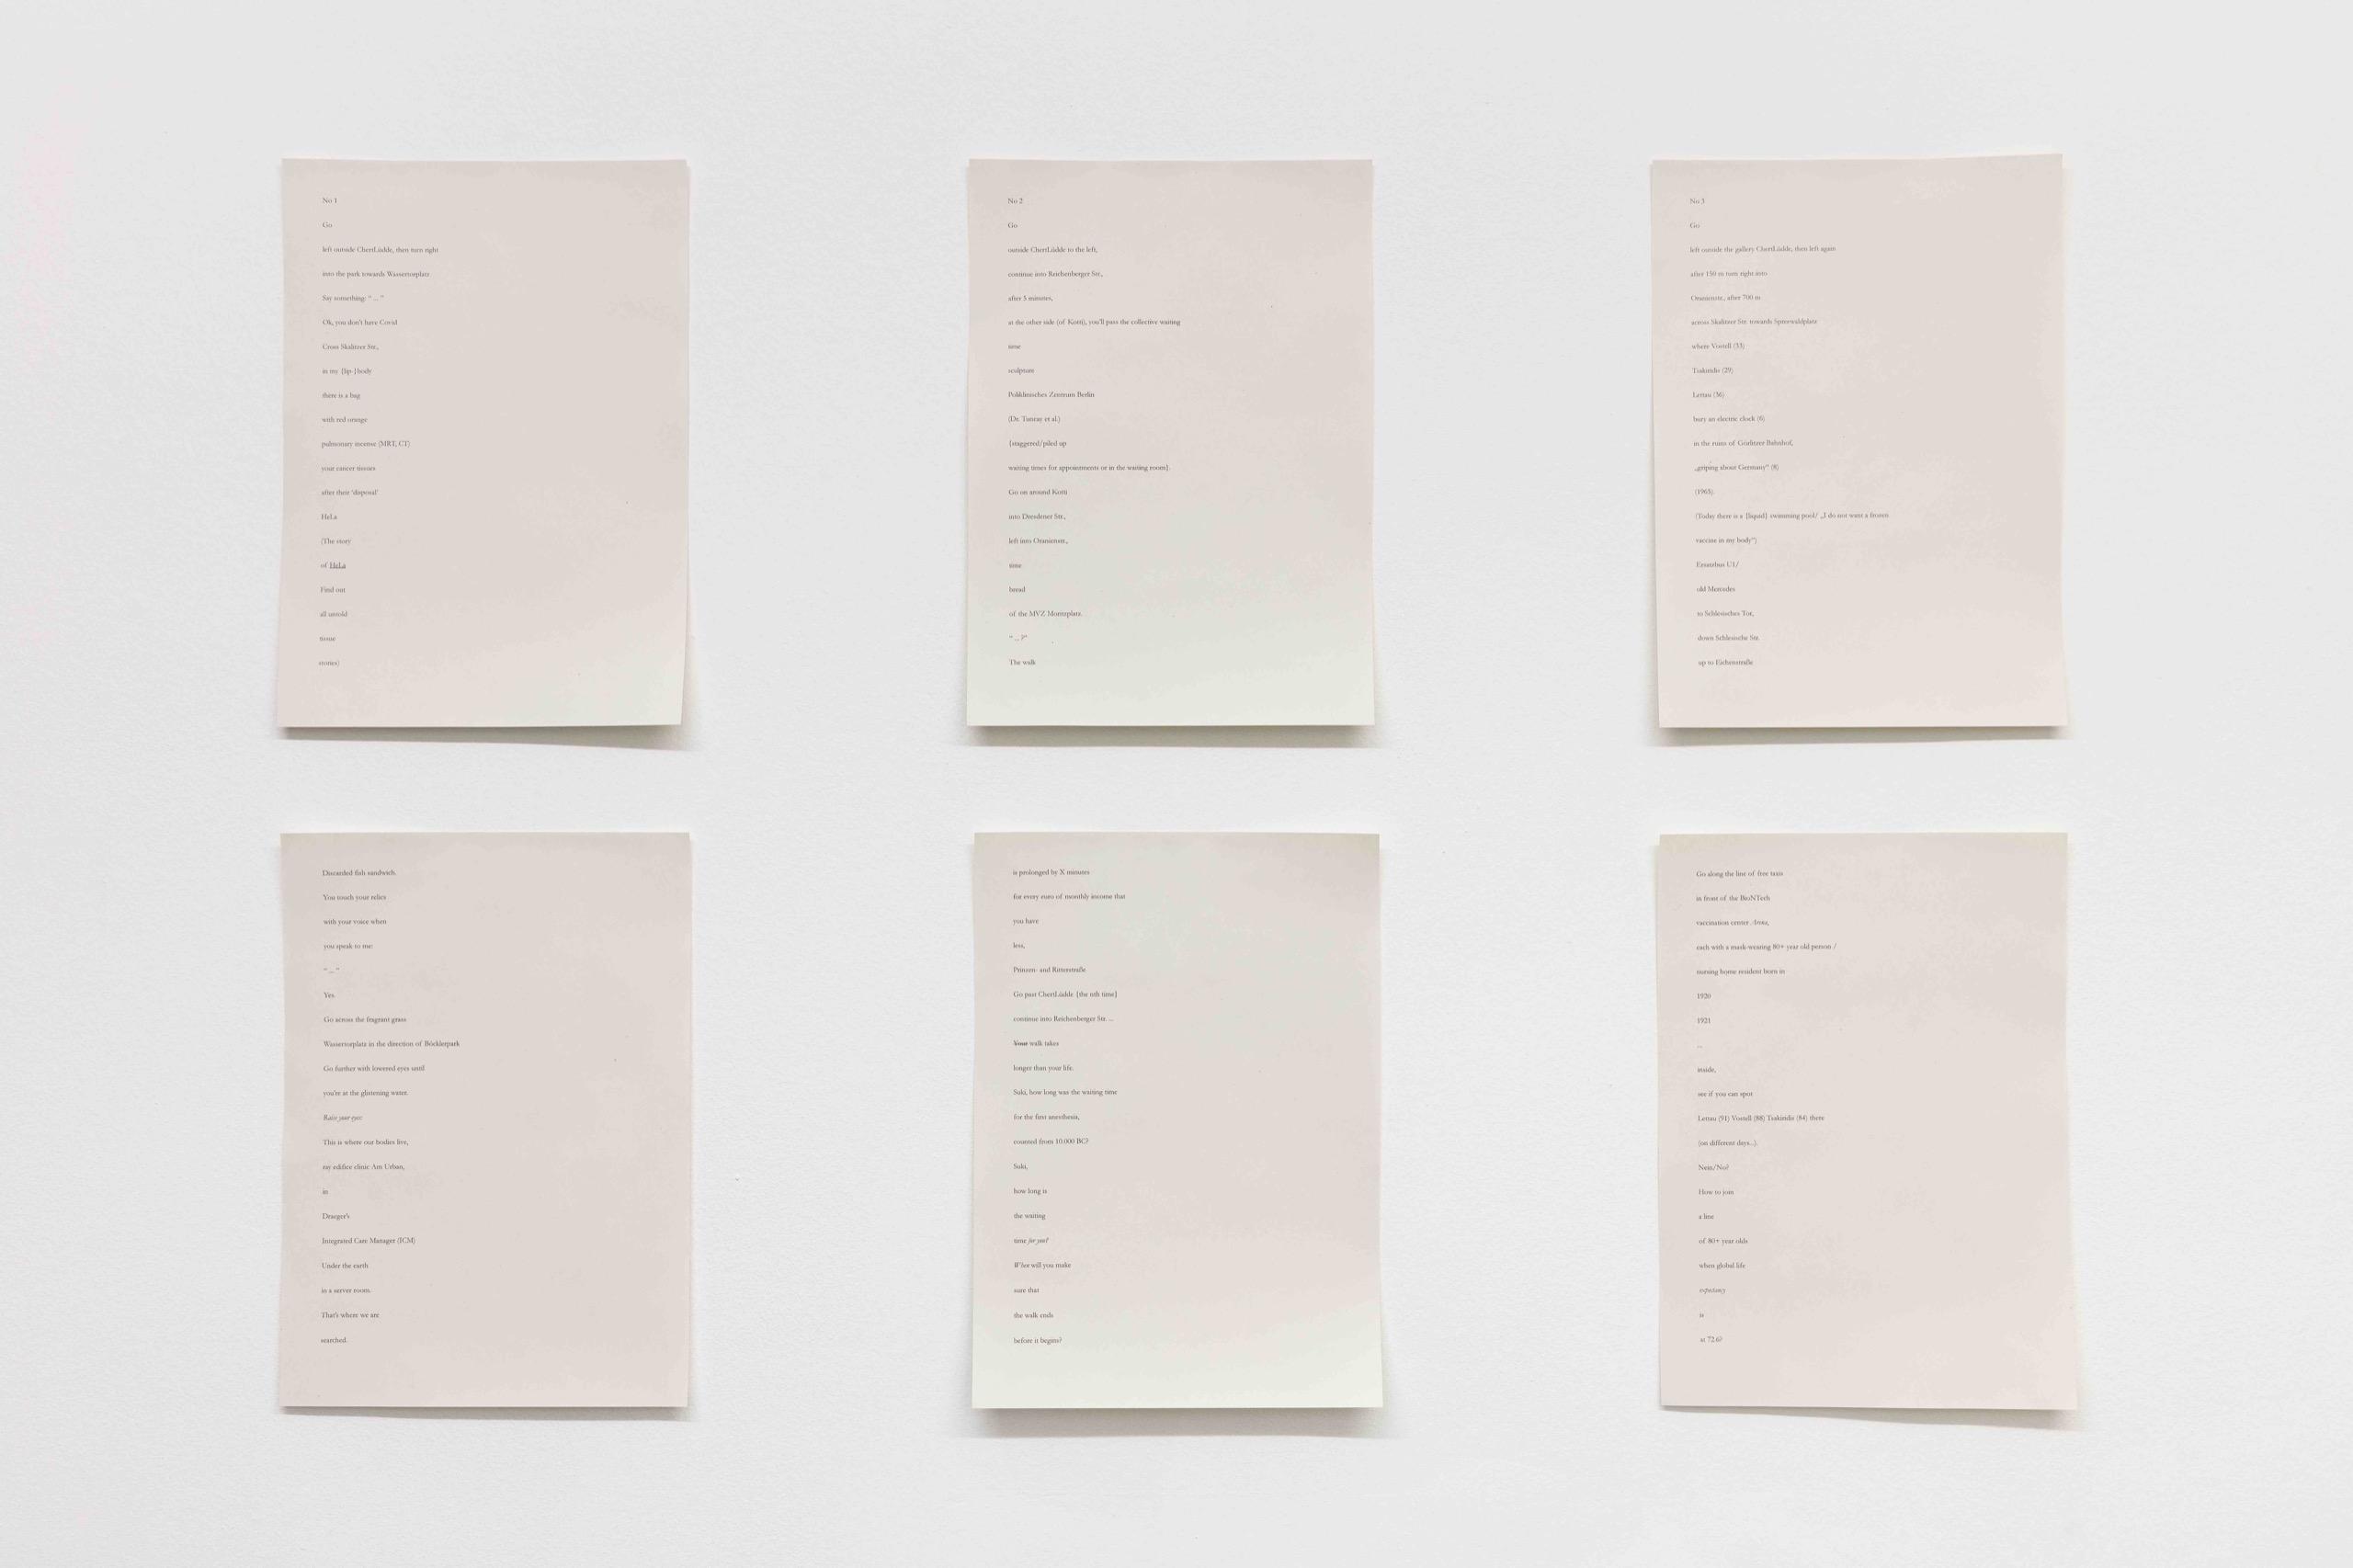 Daniel Falb, Three Walks, 2021, Ink on paper, audio, 6 elements